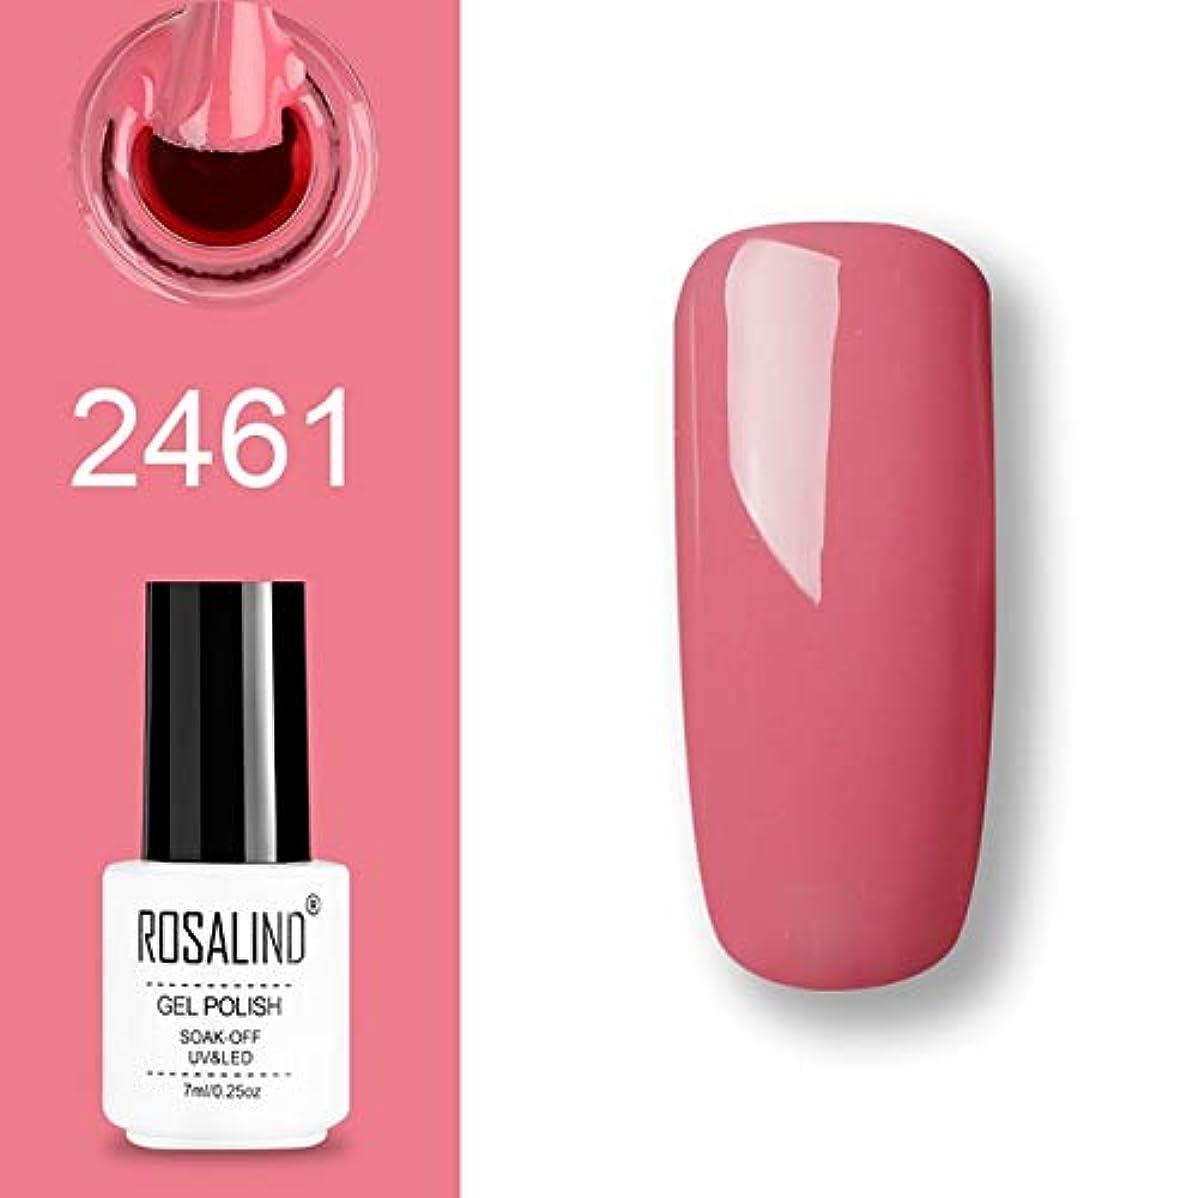 地雷原人事レンディションファッションアイテム ROSALINDジェルポリッシュセットUVセミパーマネントプライマートップコートポリジェルニスネイルアートマニキュアジェル、ピンク、容量:7ml 2461。 環境に優しいマニキュア